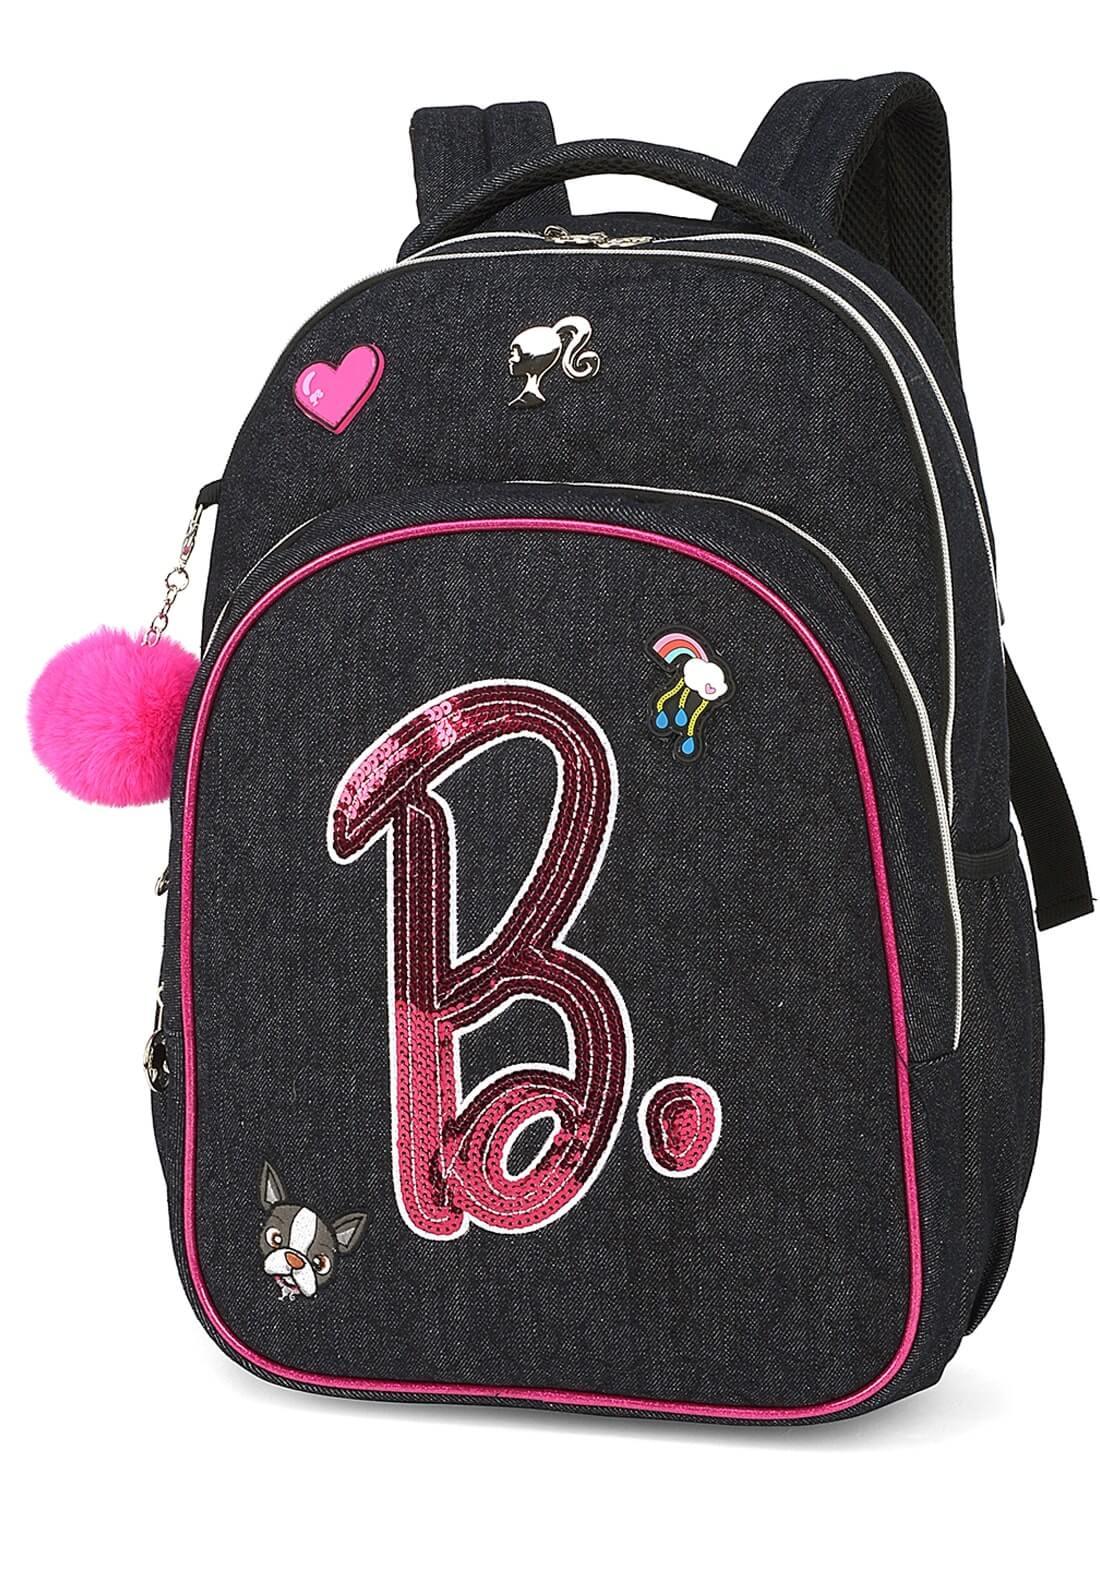 Mochila Barbie Notebook Preta Chaveiro Pom Pom Original NF